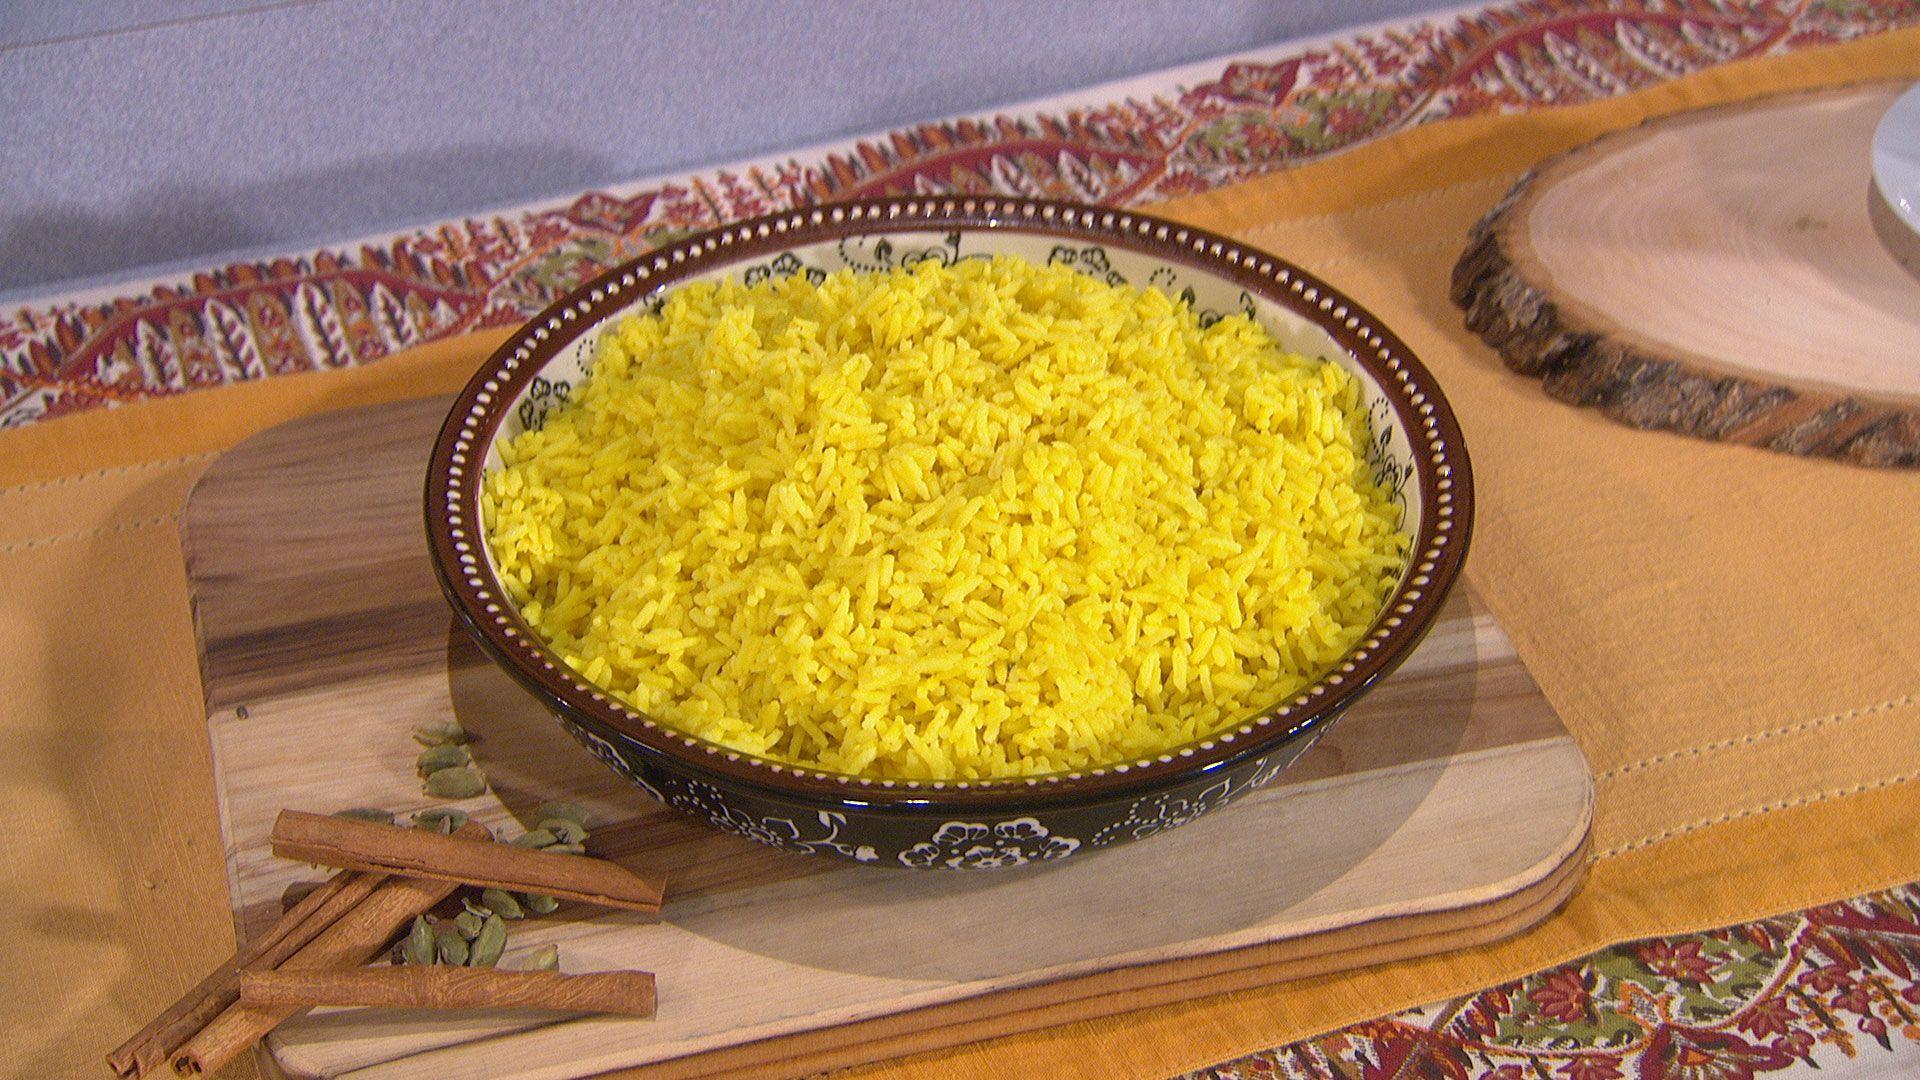 Aarti Sequeira Recipes Food Tv aarti sequeira recipes - the talk - cbs | recipes, tv